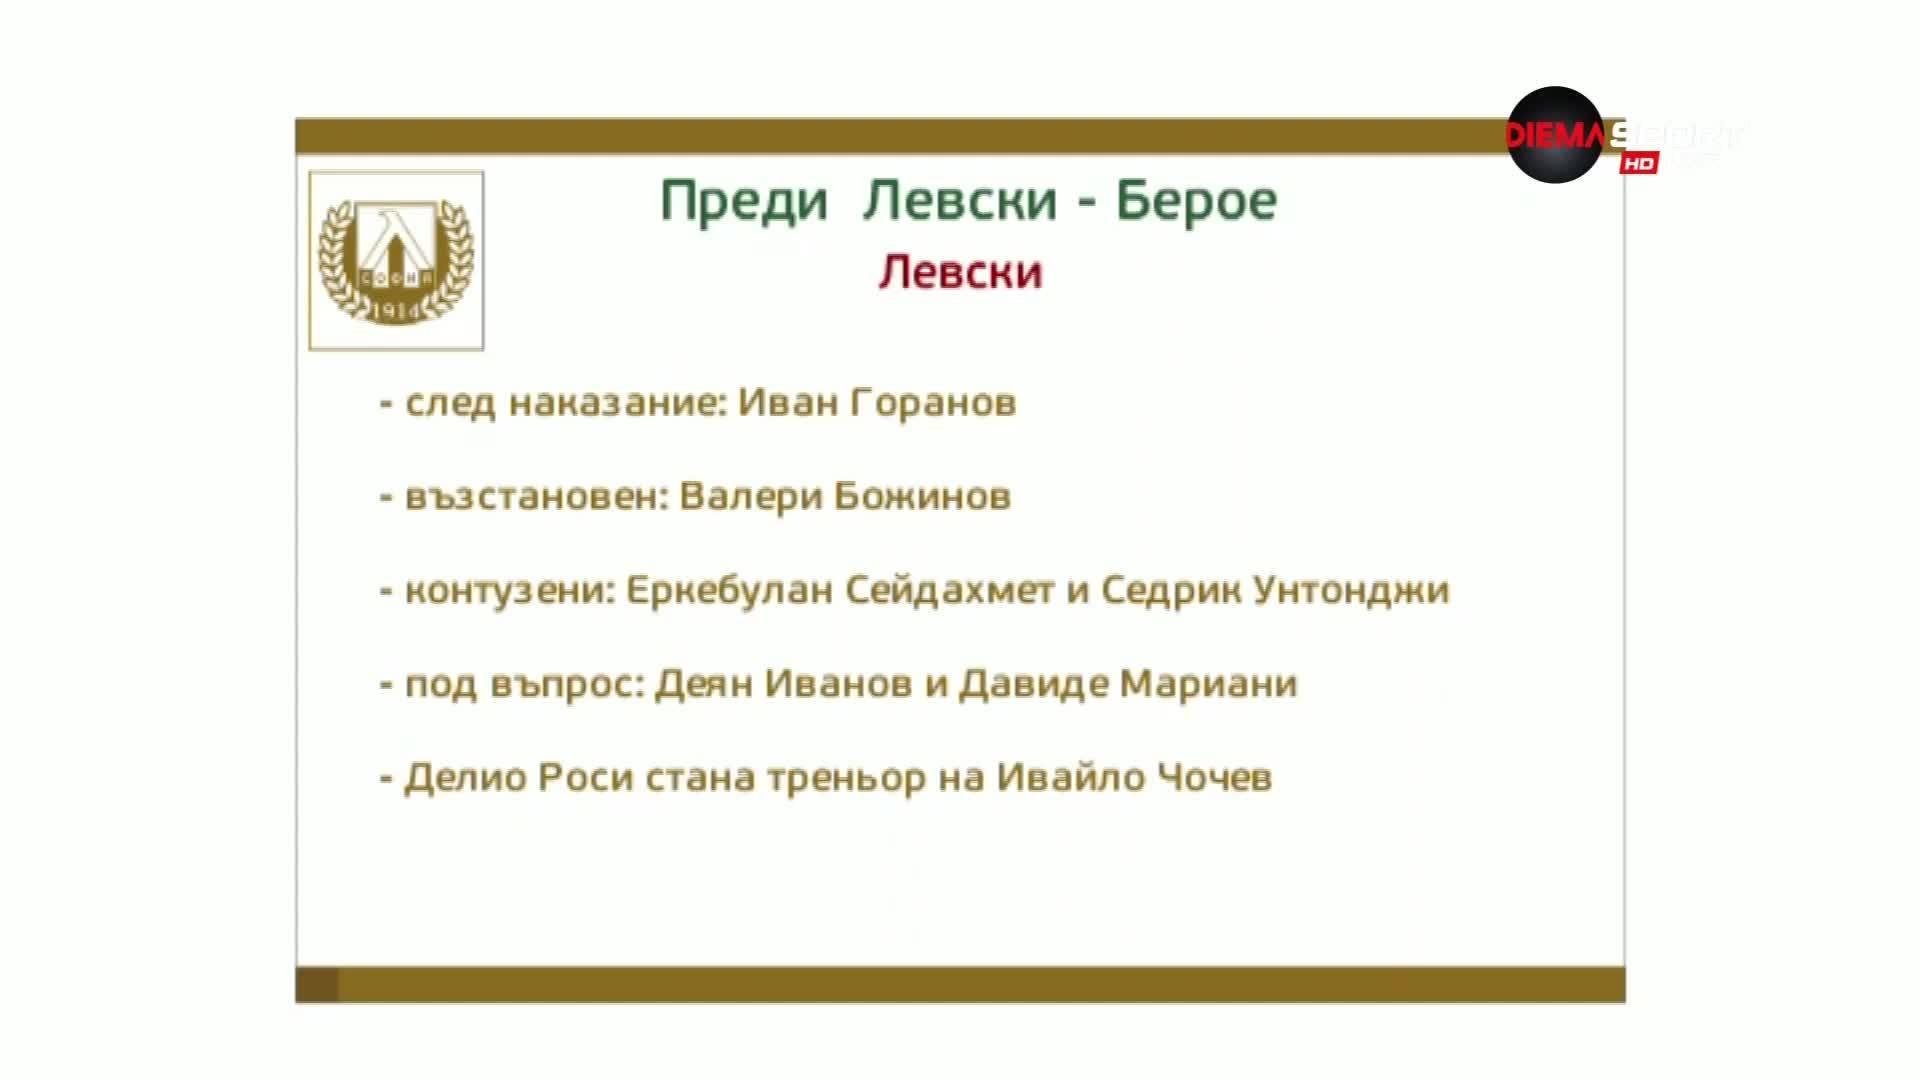 Преди Левски - Берое